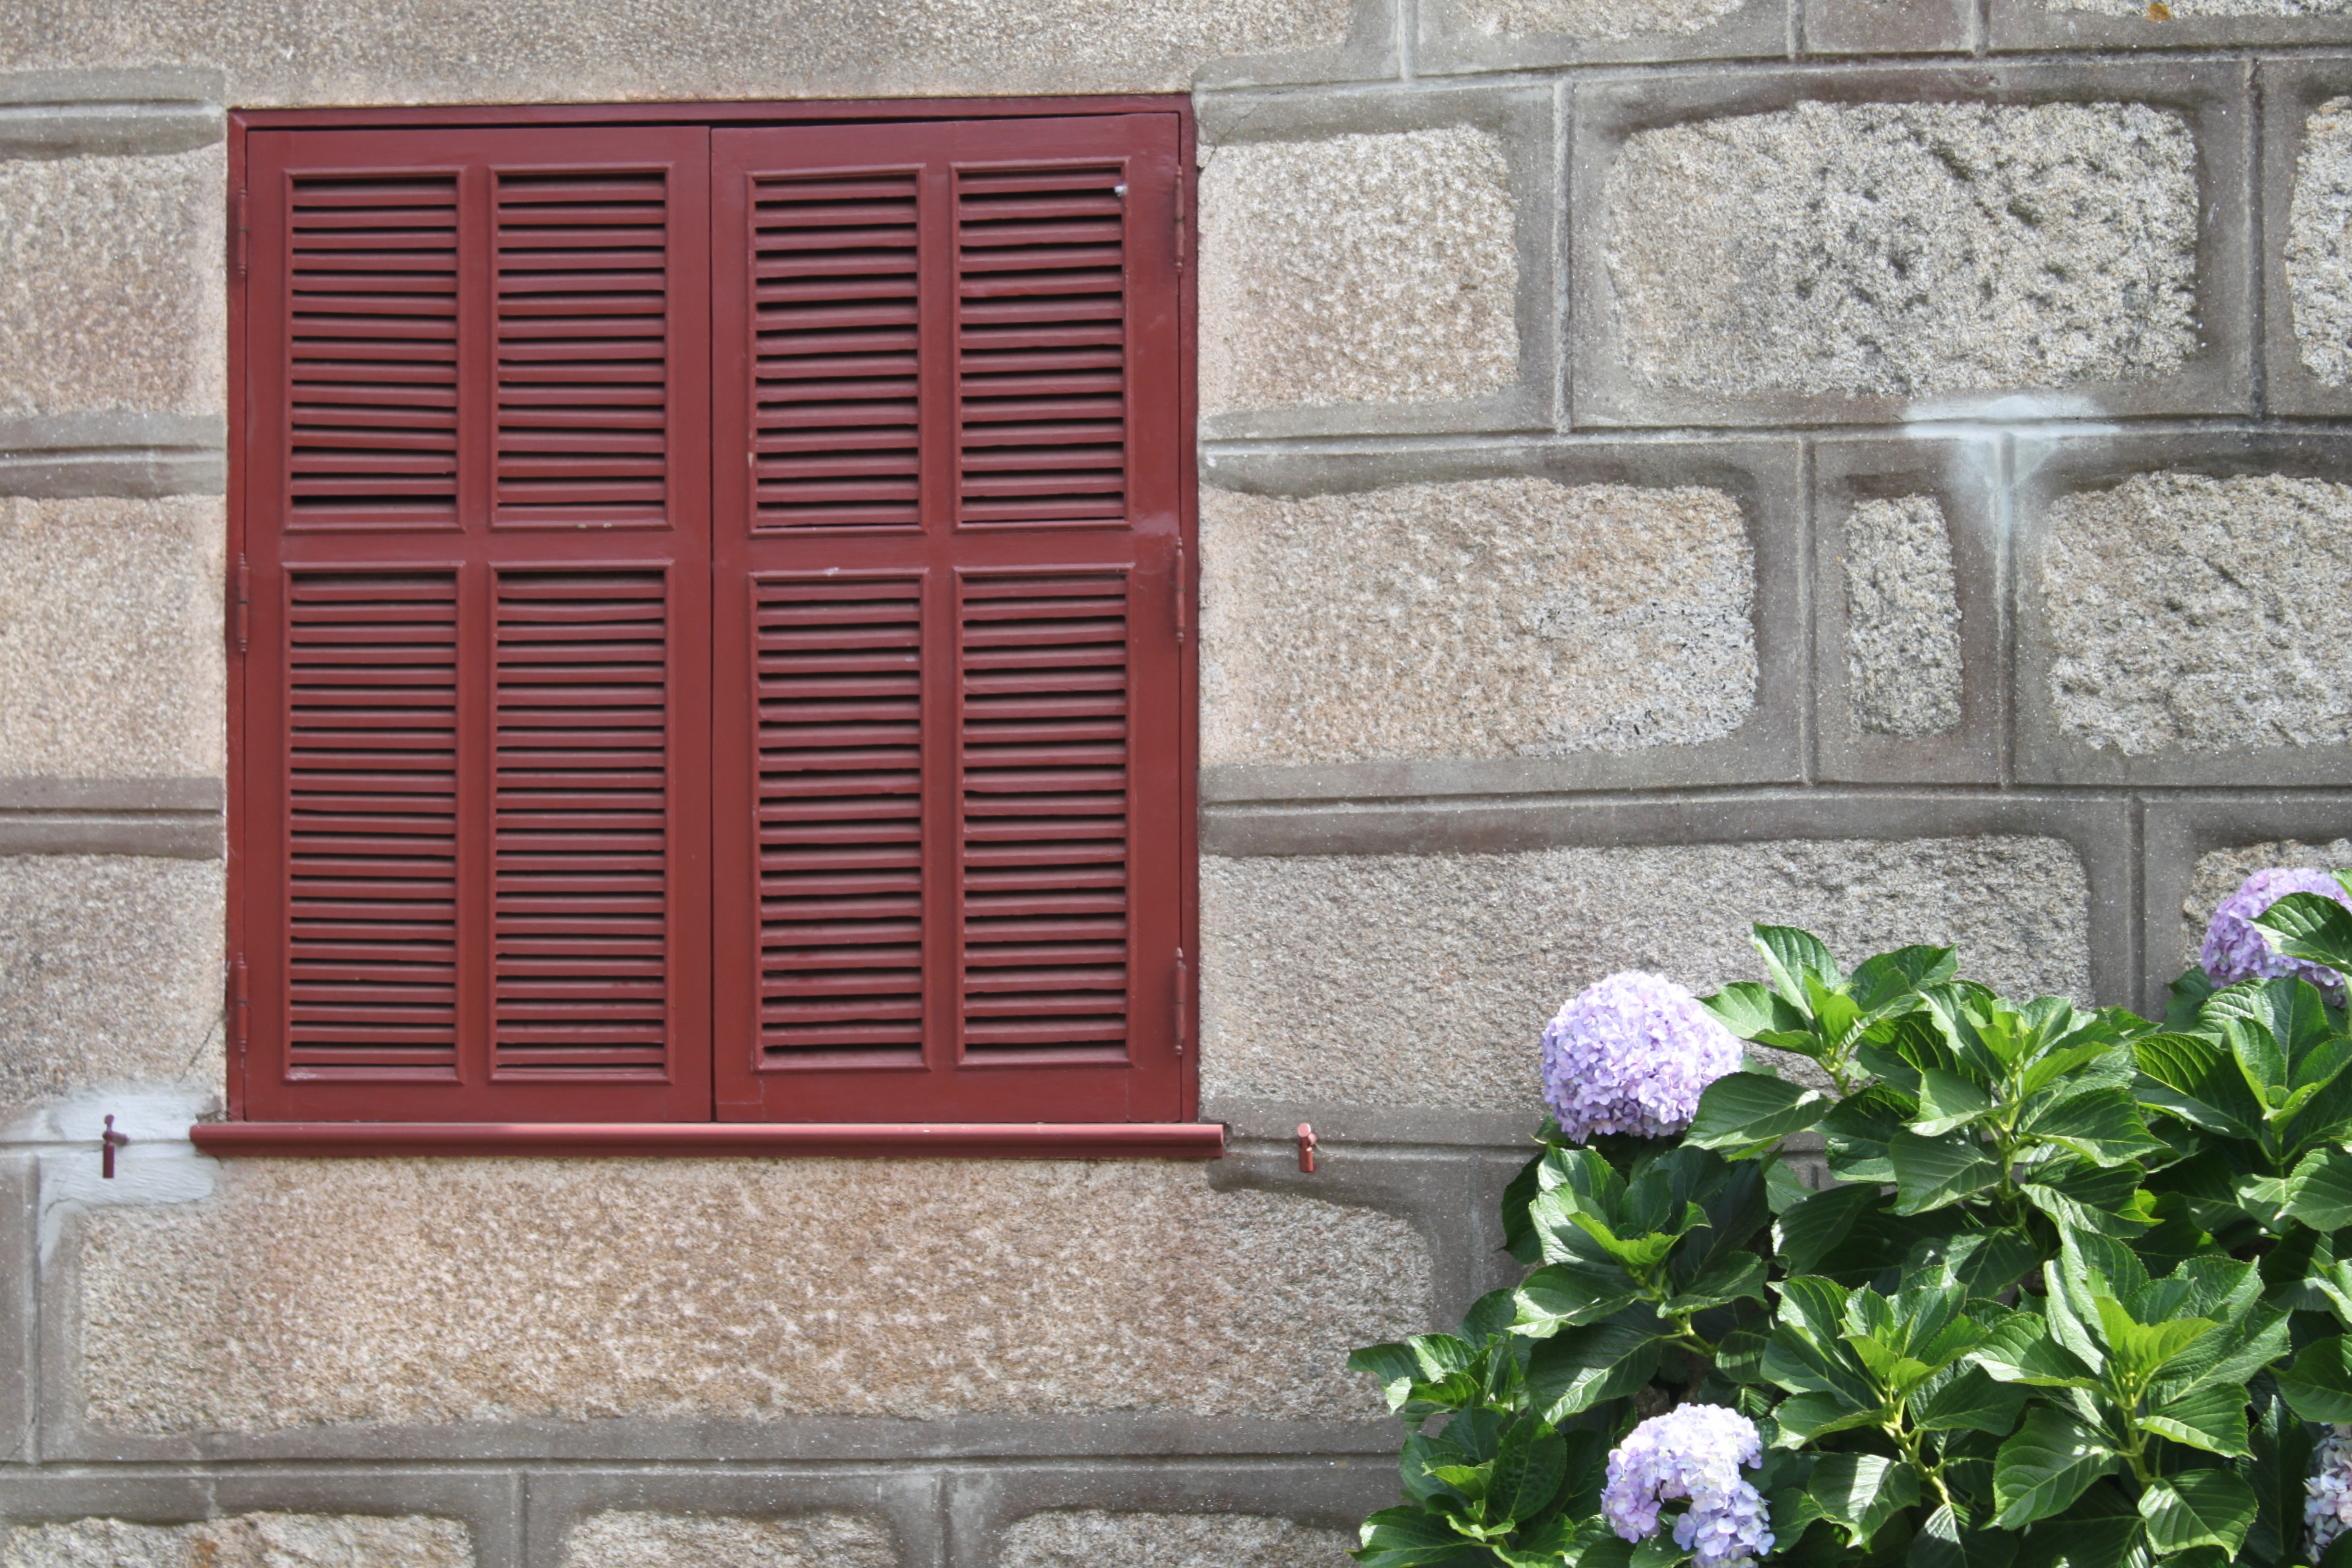 Quando uma porta se fecha, abre-se uma janela.